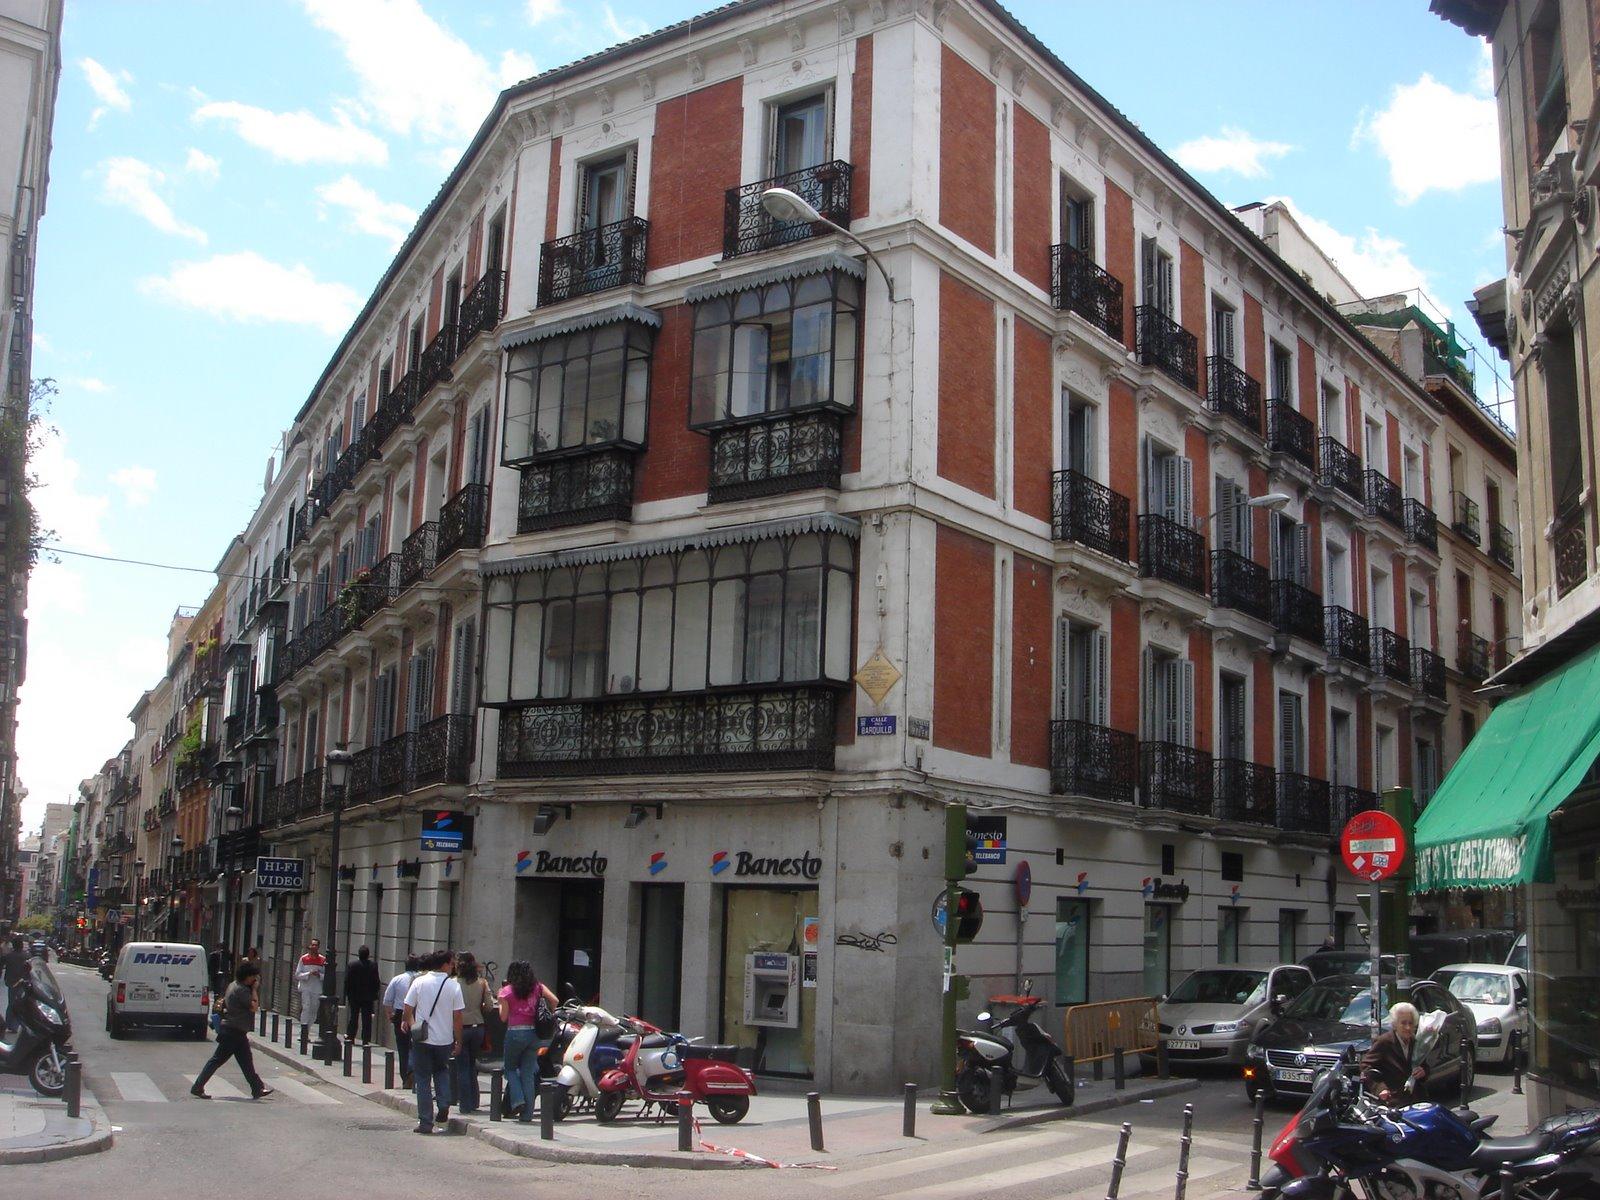 Las cosillas de carmen invierno en blogger traveller madrid Calle belen madrid